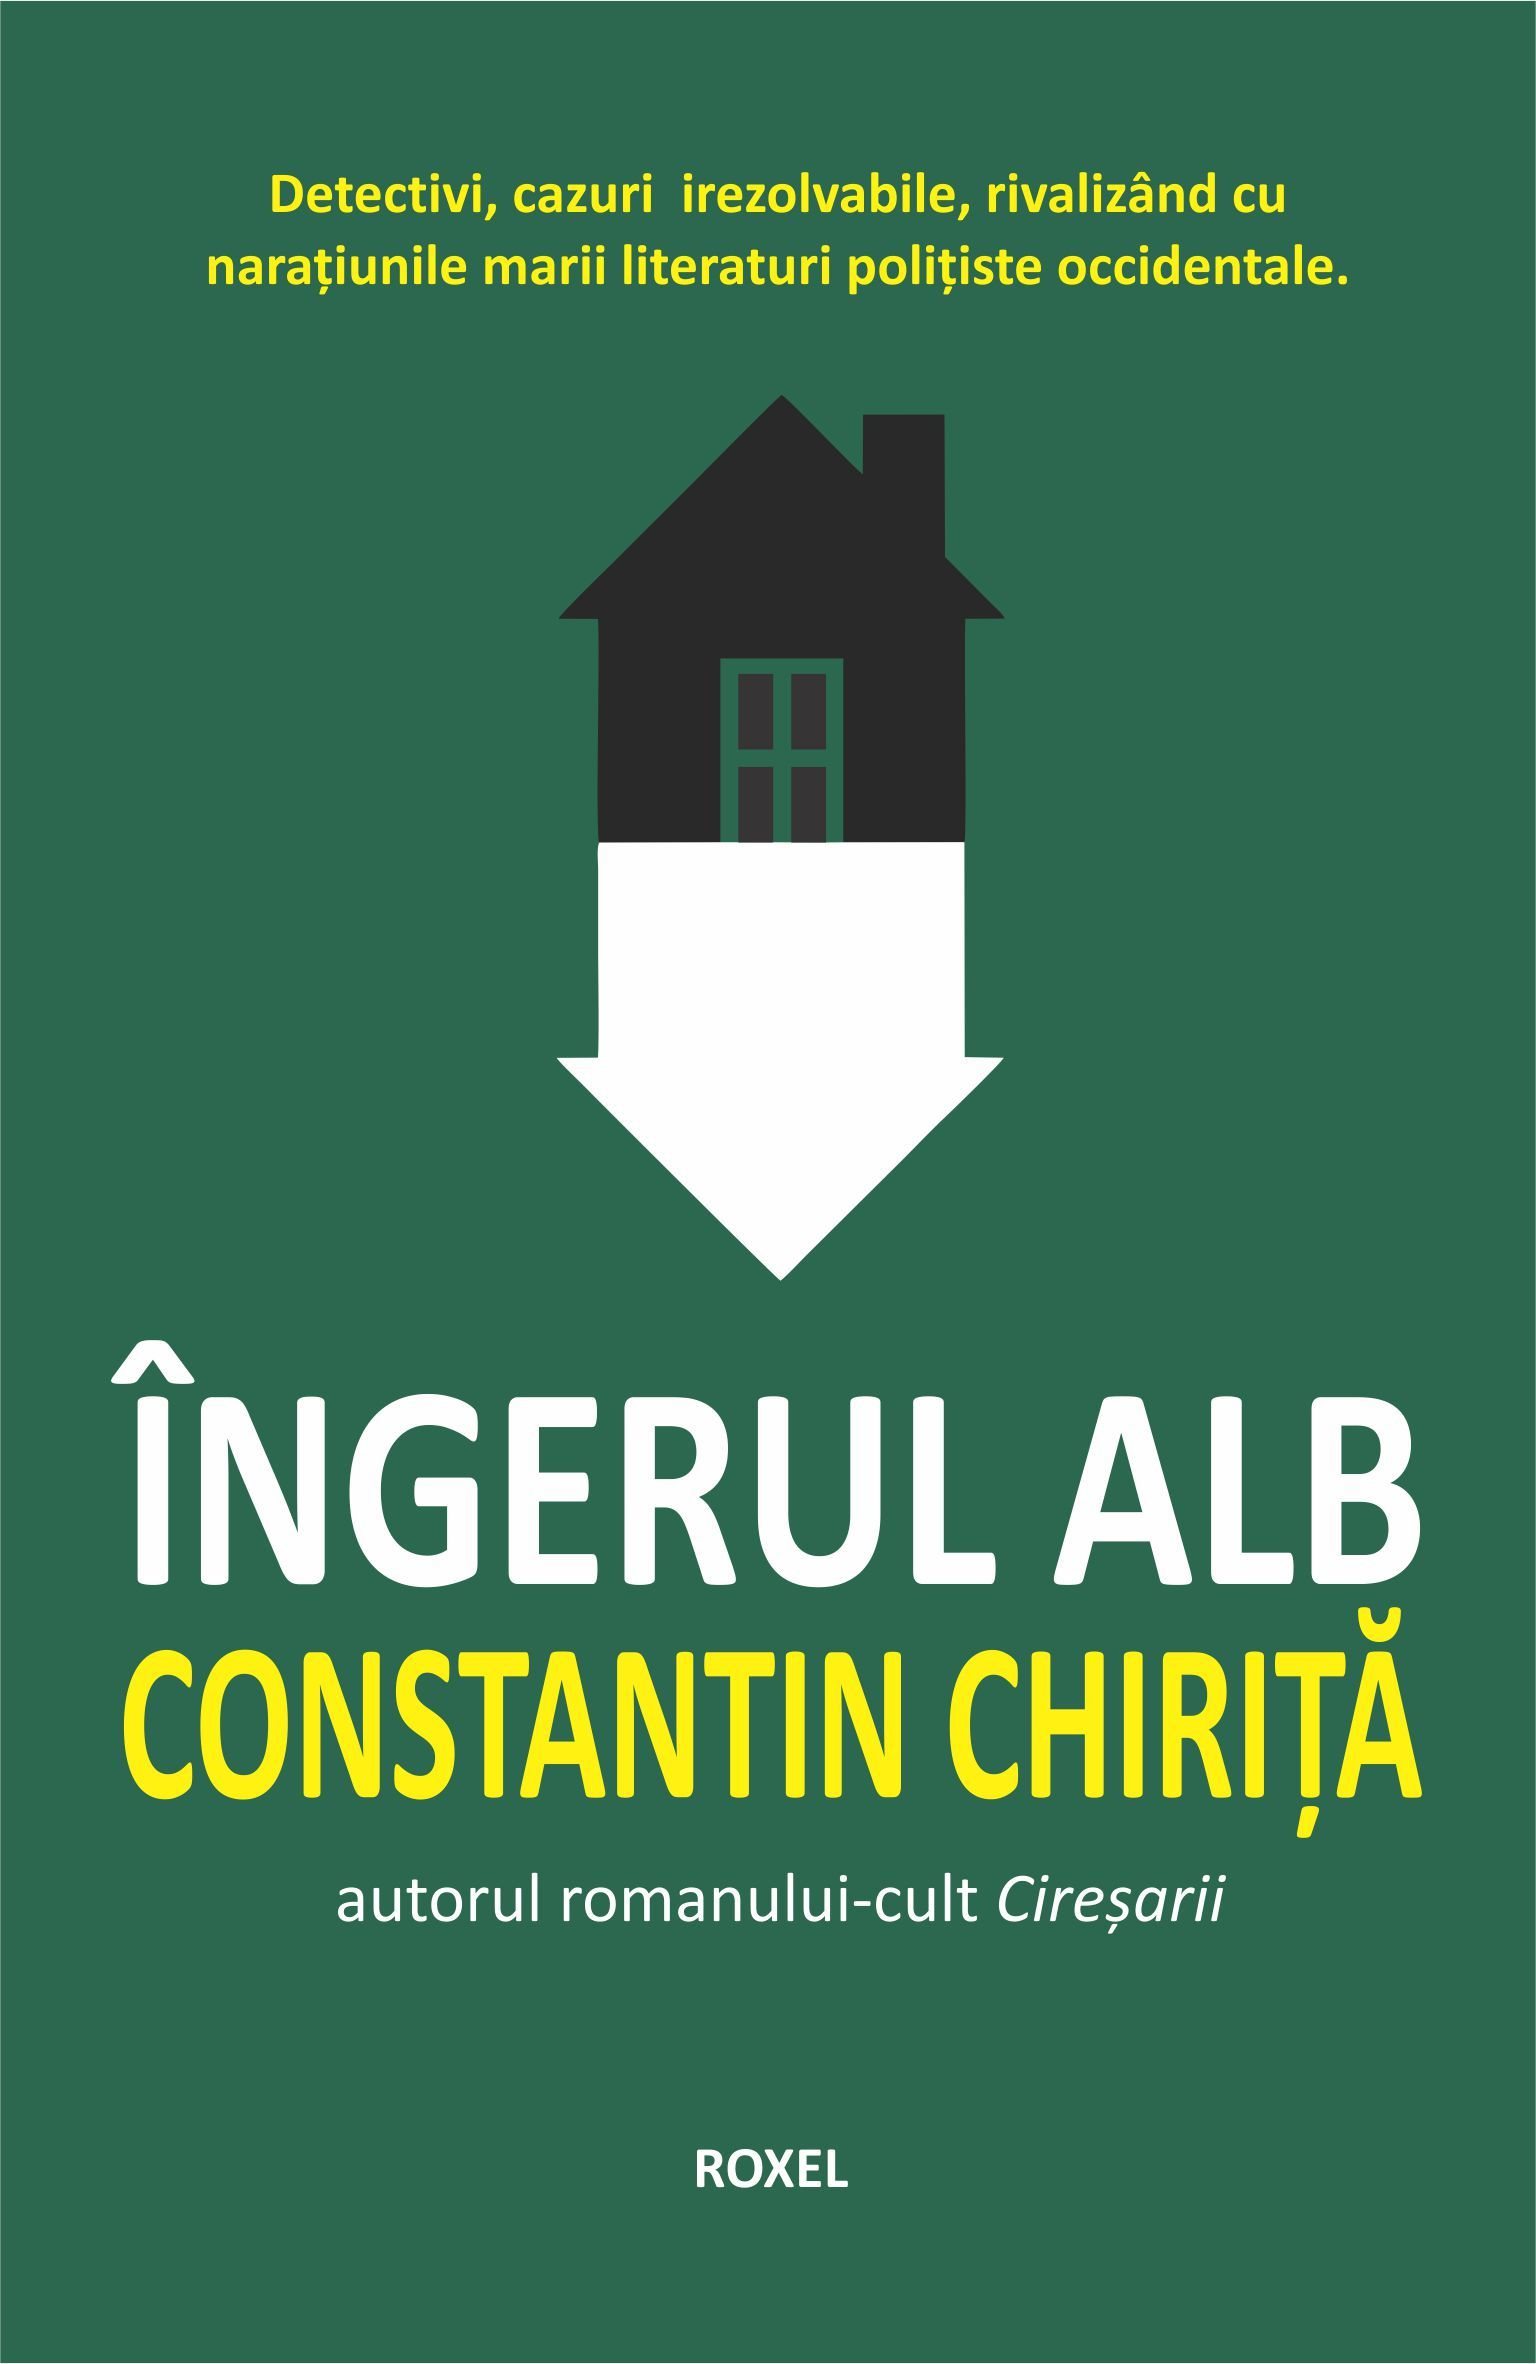 Ingerul alb | Constantin Chirita